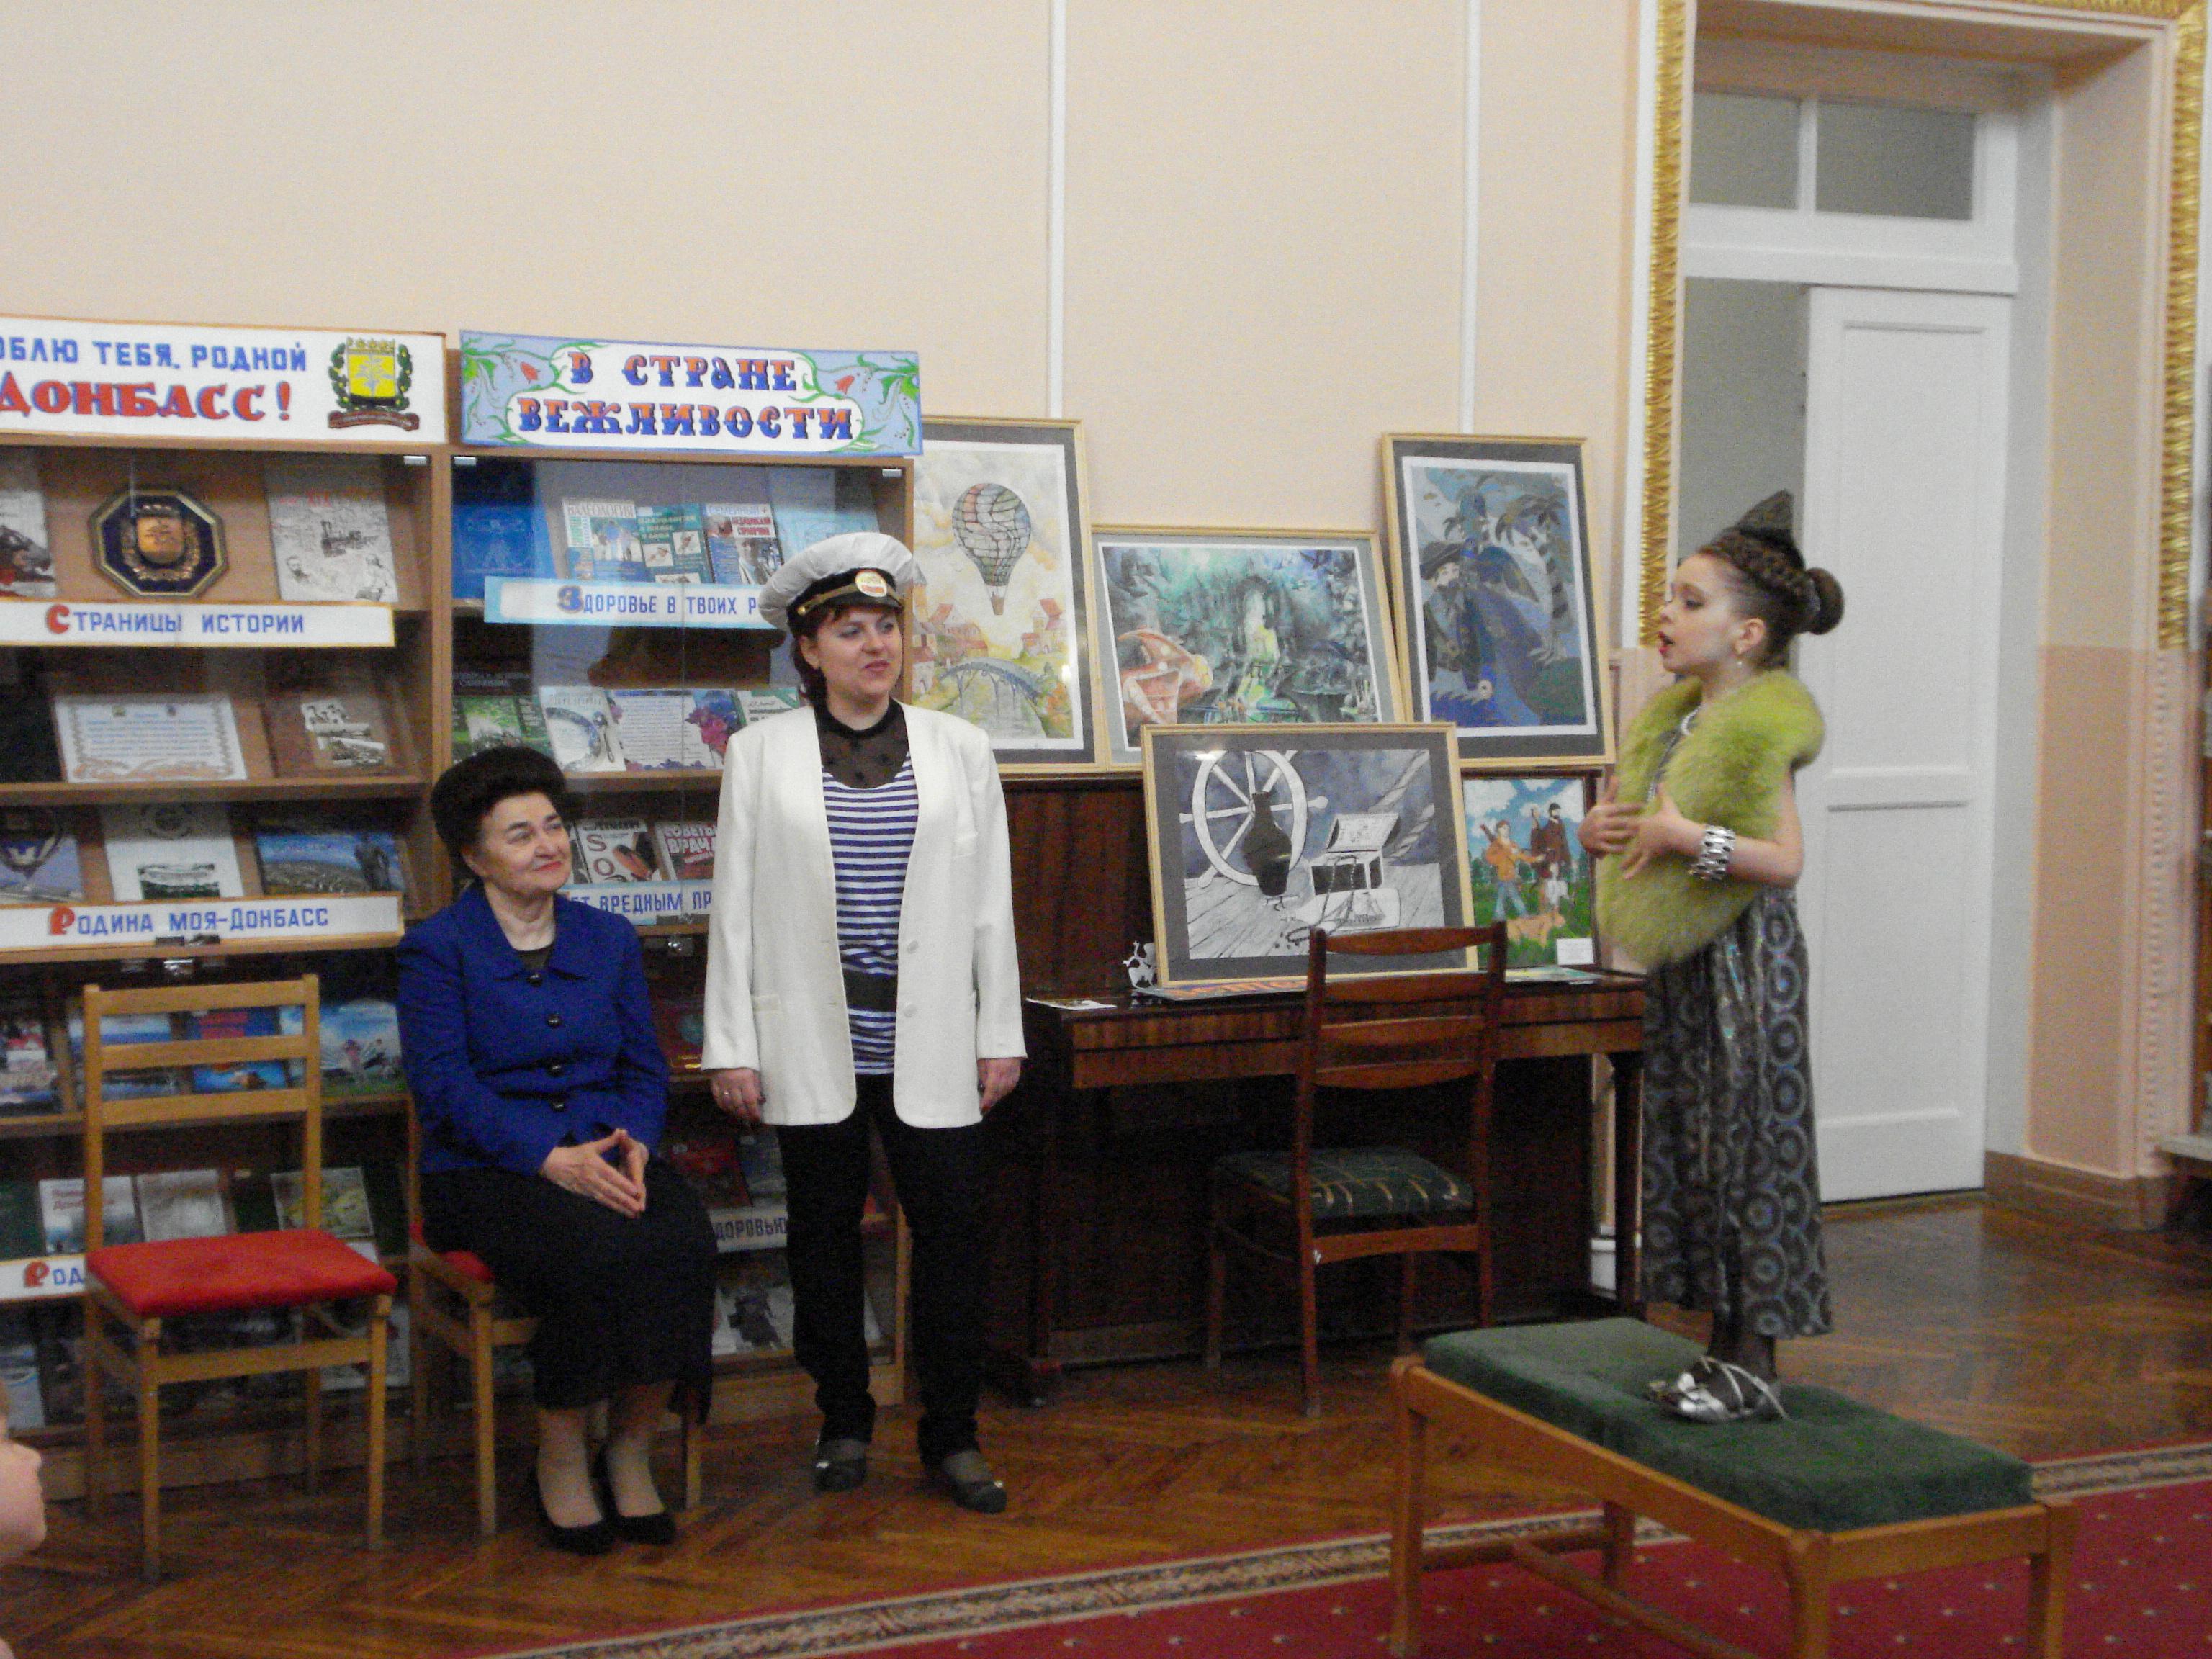 открытие республиканской недели детской и юношеской книги, донецкая республиканская библиотека для детей, пропаганда чтения